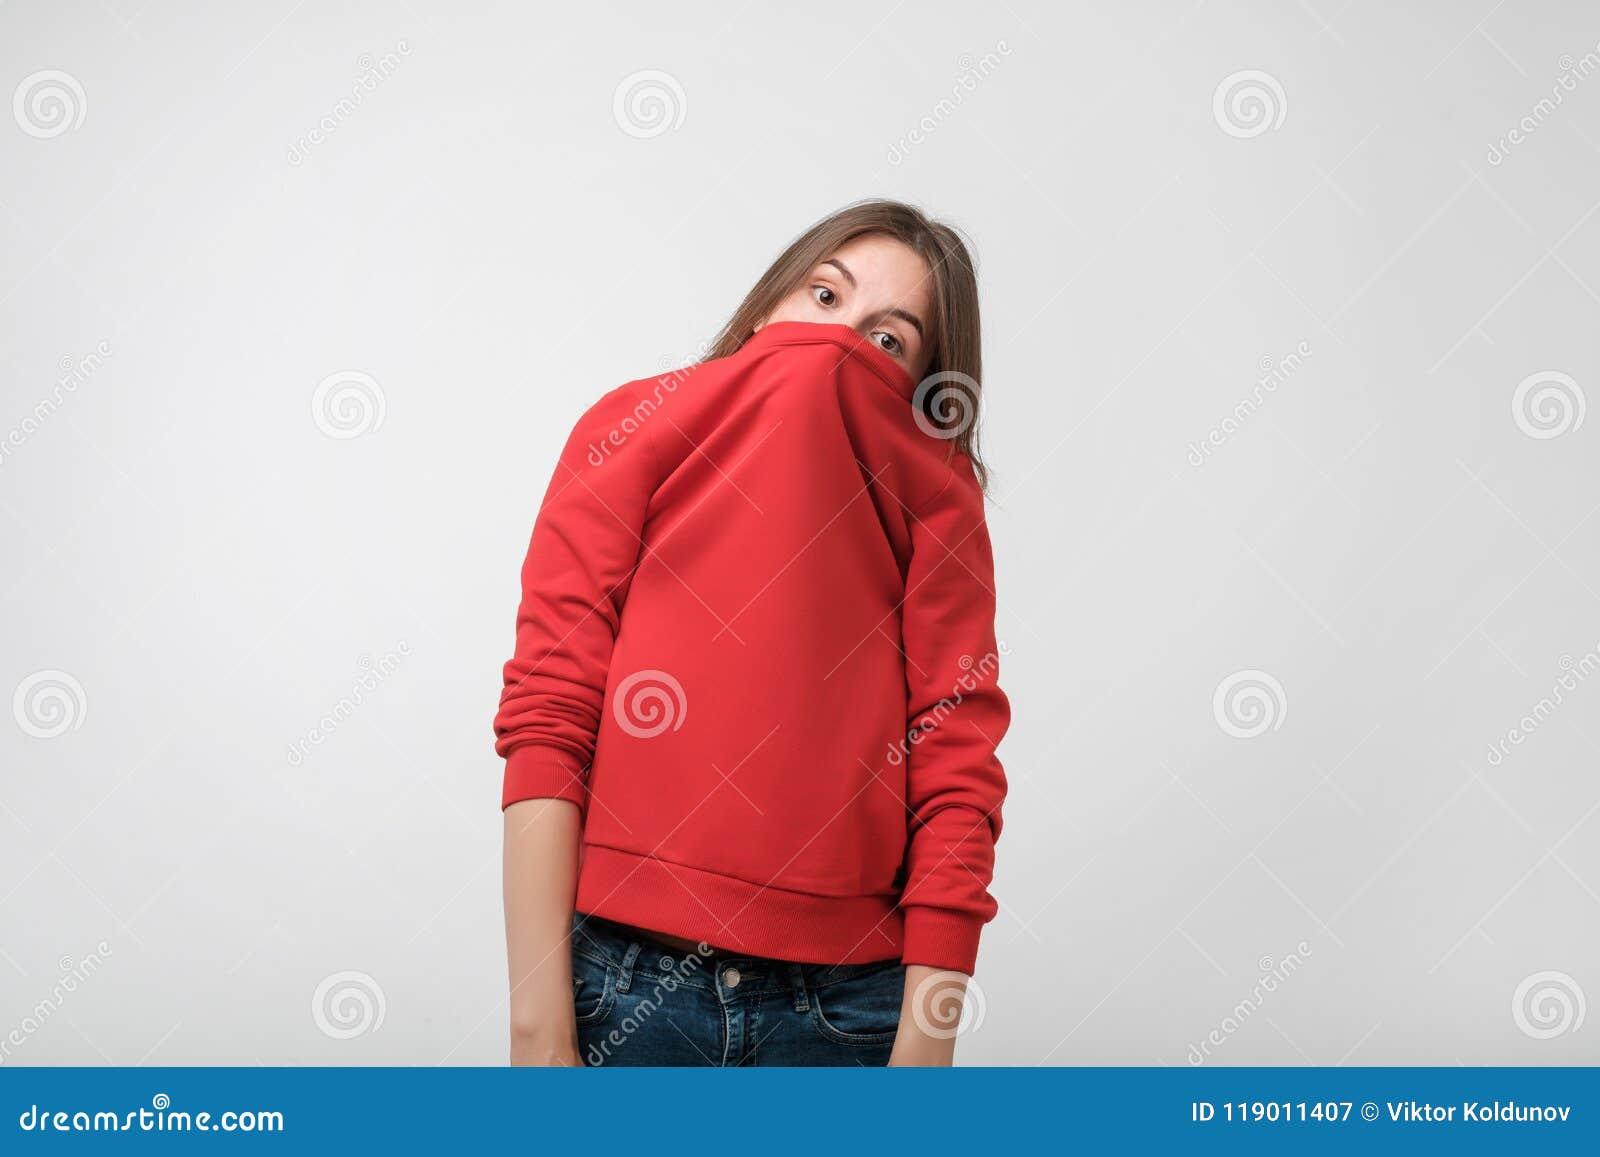 Une fille avec une phobie sociale cache son visage dans un chandail